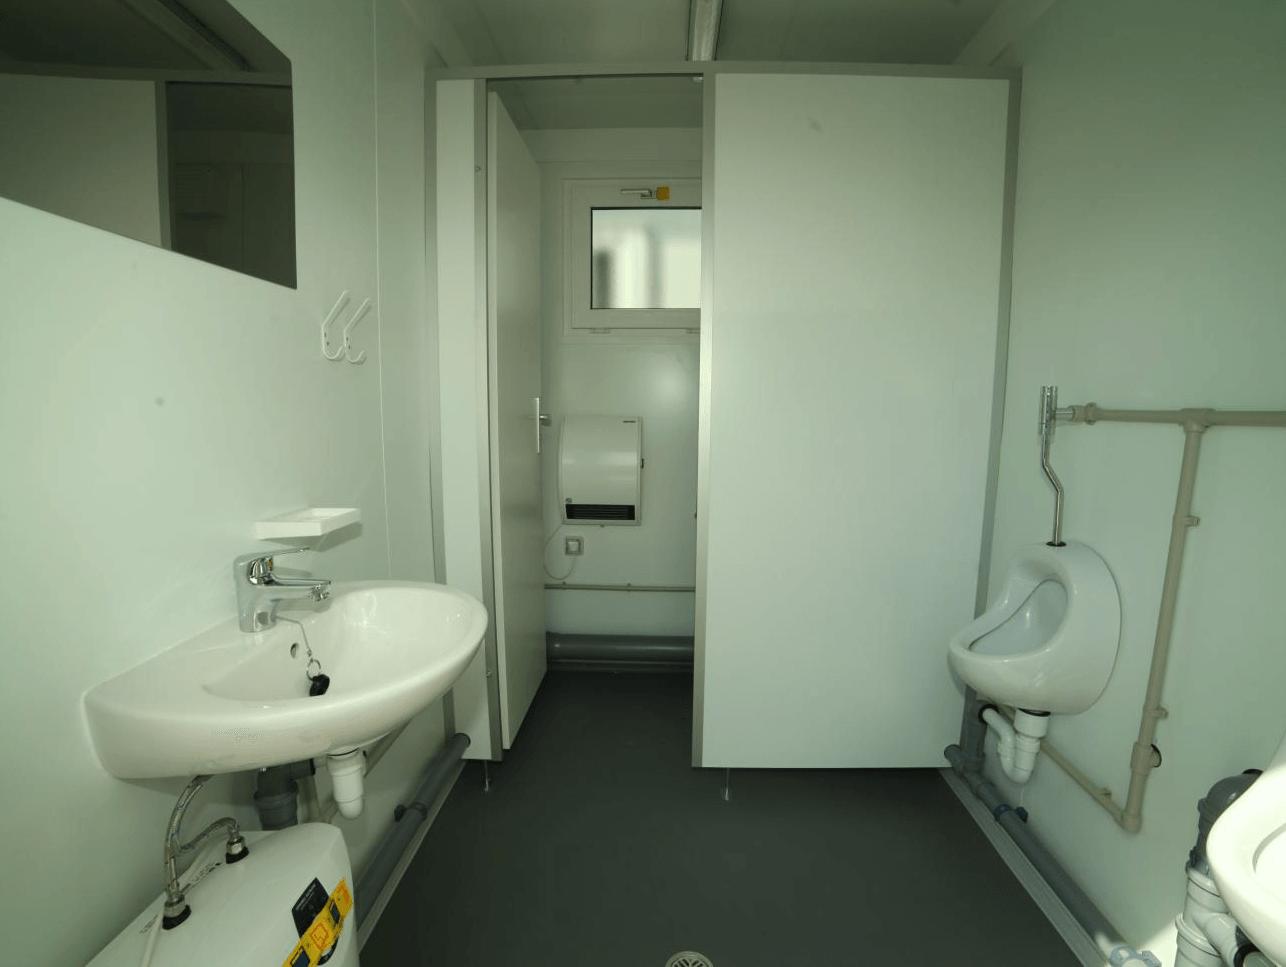 Lavabo Personne Mobilité Réduite location de bungalow sanitaire à nancy pour chantier